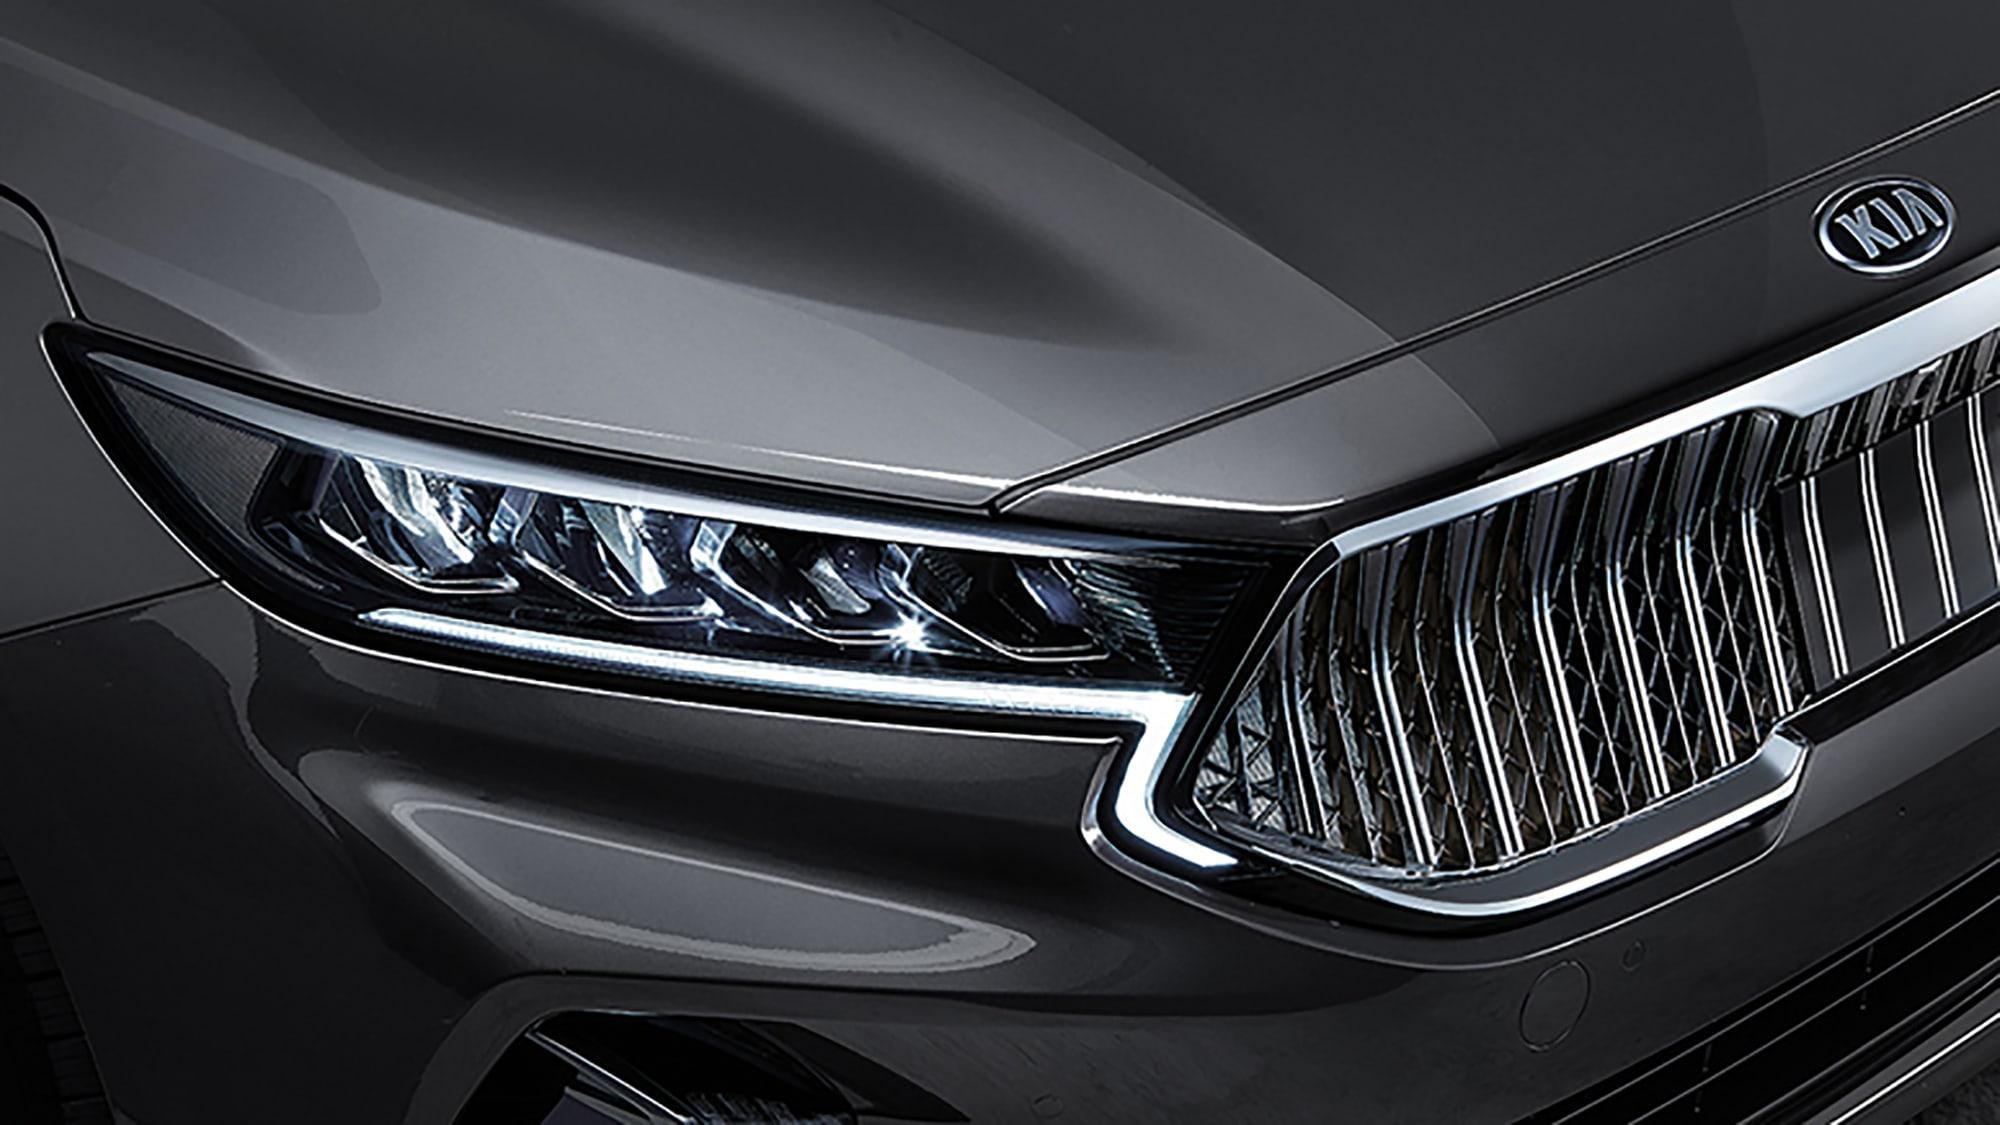 2020 Kia Cadenza K7 Revealed In Korea Caradvice